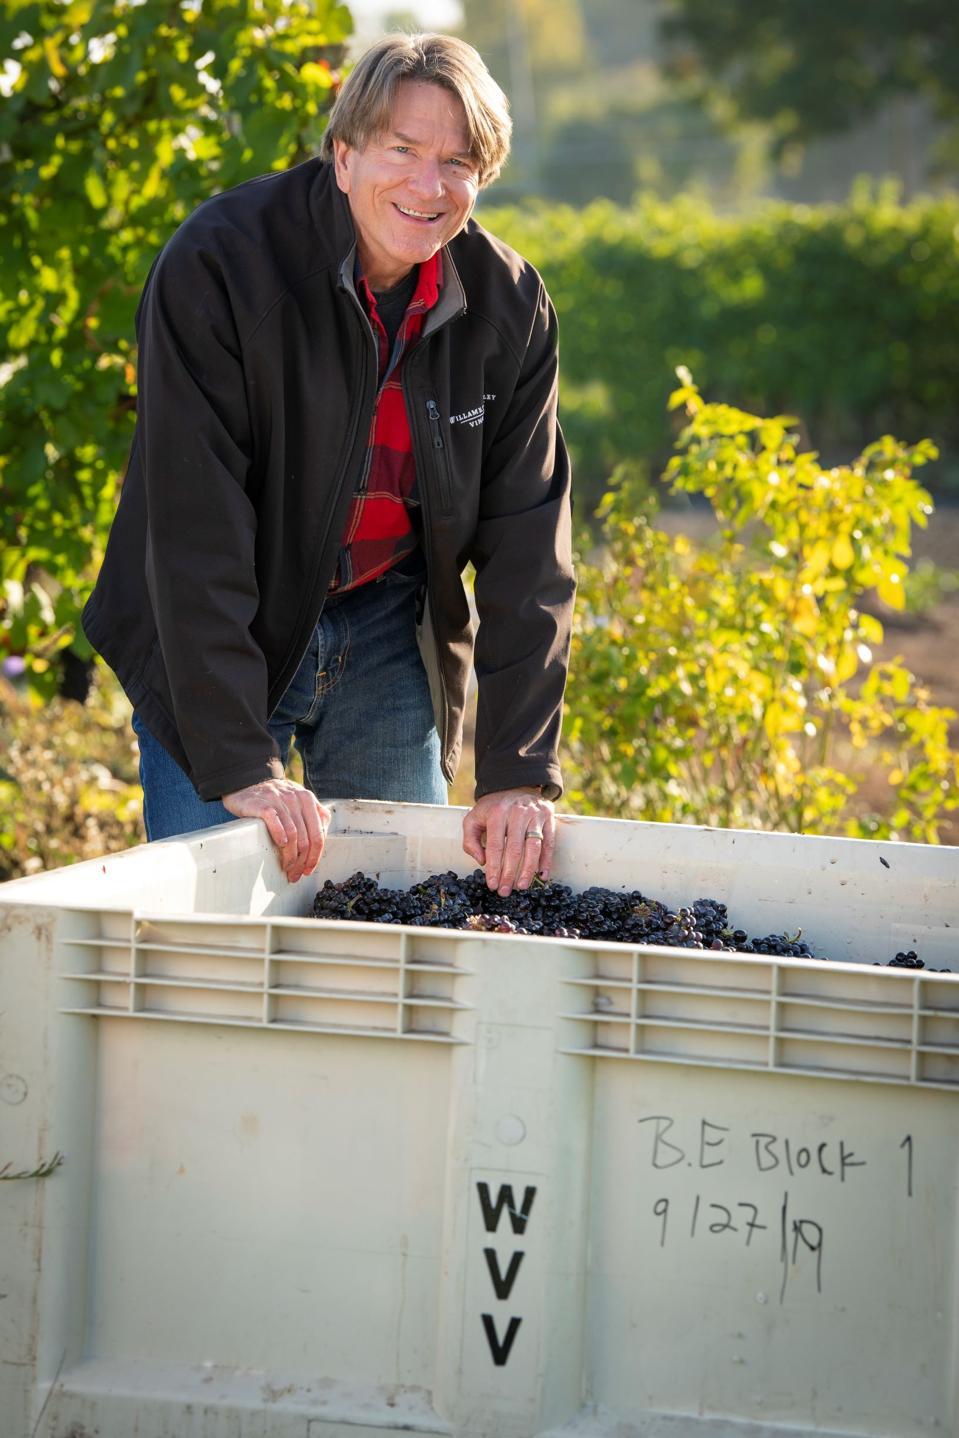 Willamette Valley Vineyard's CEO and founder Jim Bernau